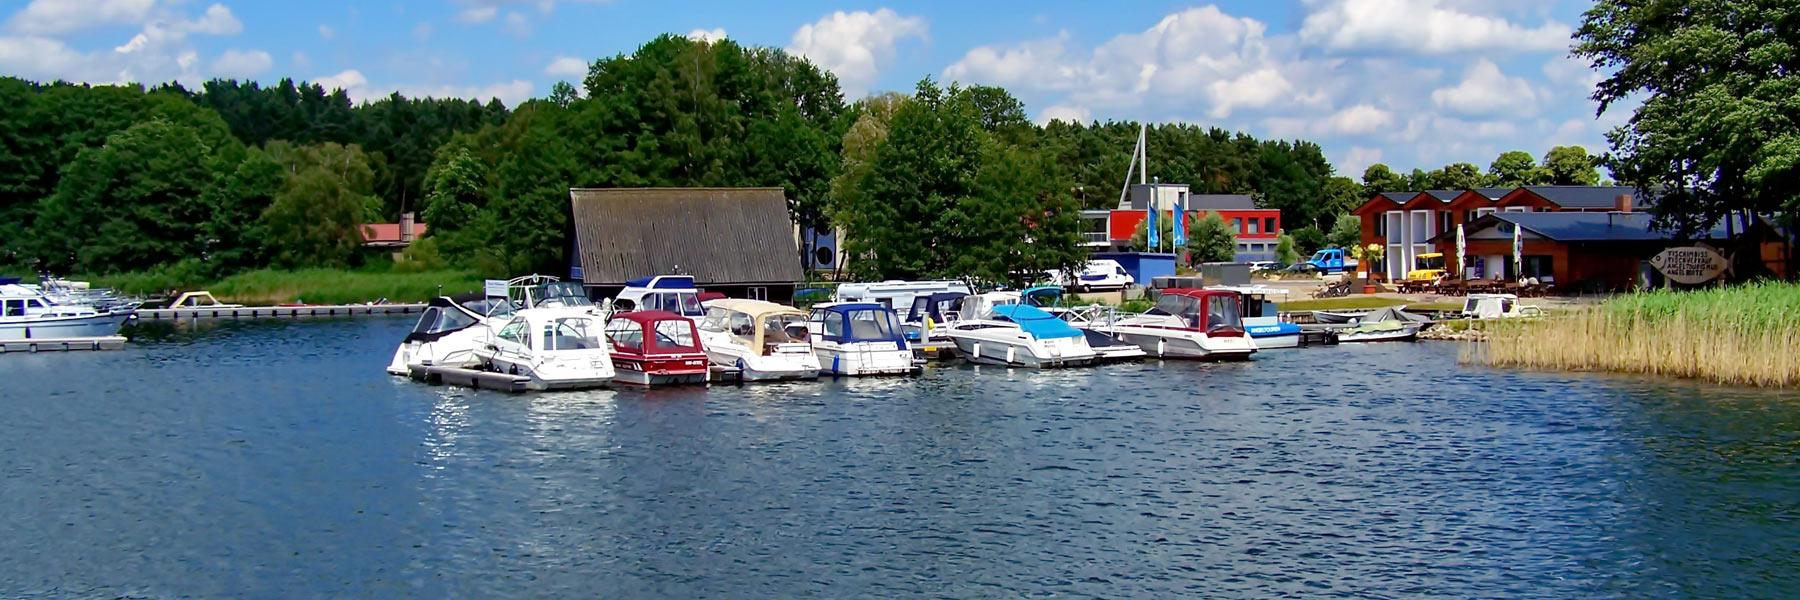 Hafen - Gemeinde Klink